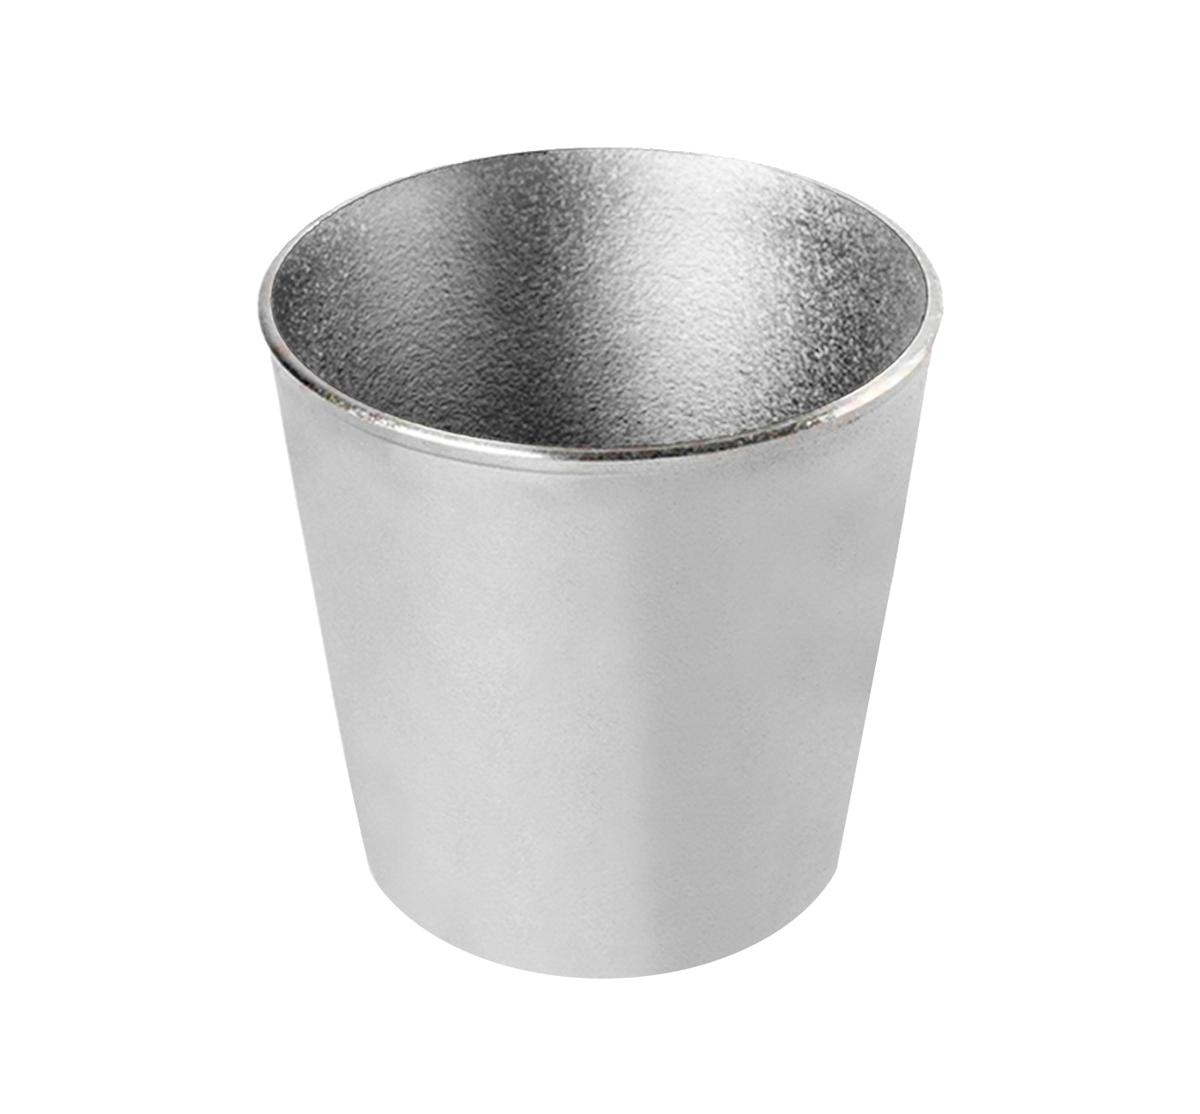 Форма для кулича Биол, 1 л94672Форма для кулича Биол изготовлена из прочного алюминия. Изделие специально предназначено для приготовления кулича. Можно использовать в духовом шкафу. Диаметр (по верхнему краю): 12 см. Диаметр основания: 9 см. Высота стенки: 12 см.